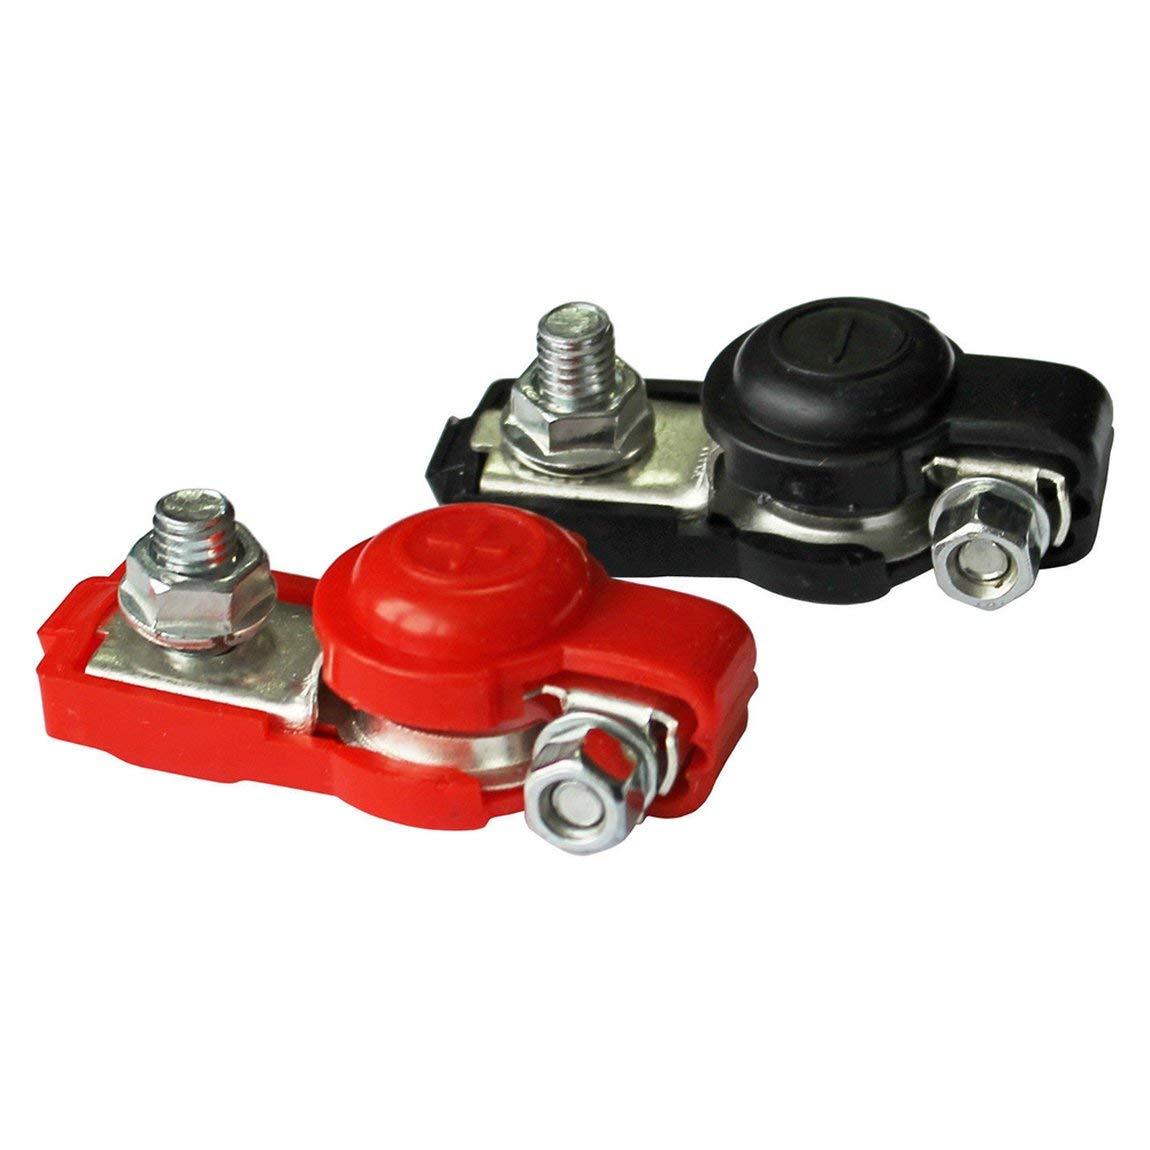 2x morsetti a sgancio rapido della batteria Terminali a 6-12 V terminali della batteria dellauto connettore di colore nero e rosso e colore: rosso e nero